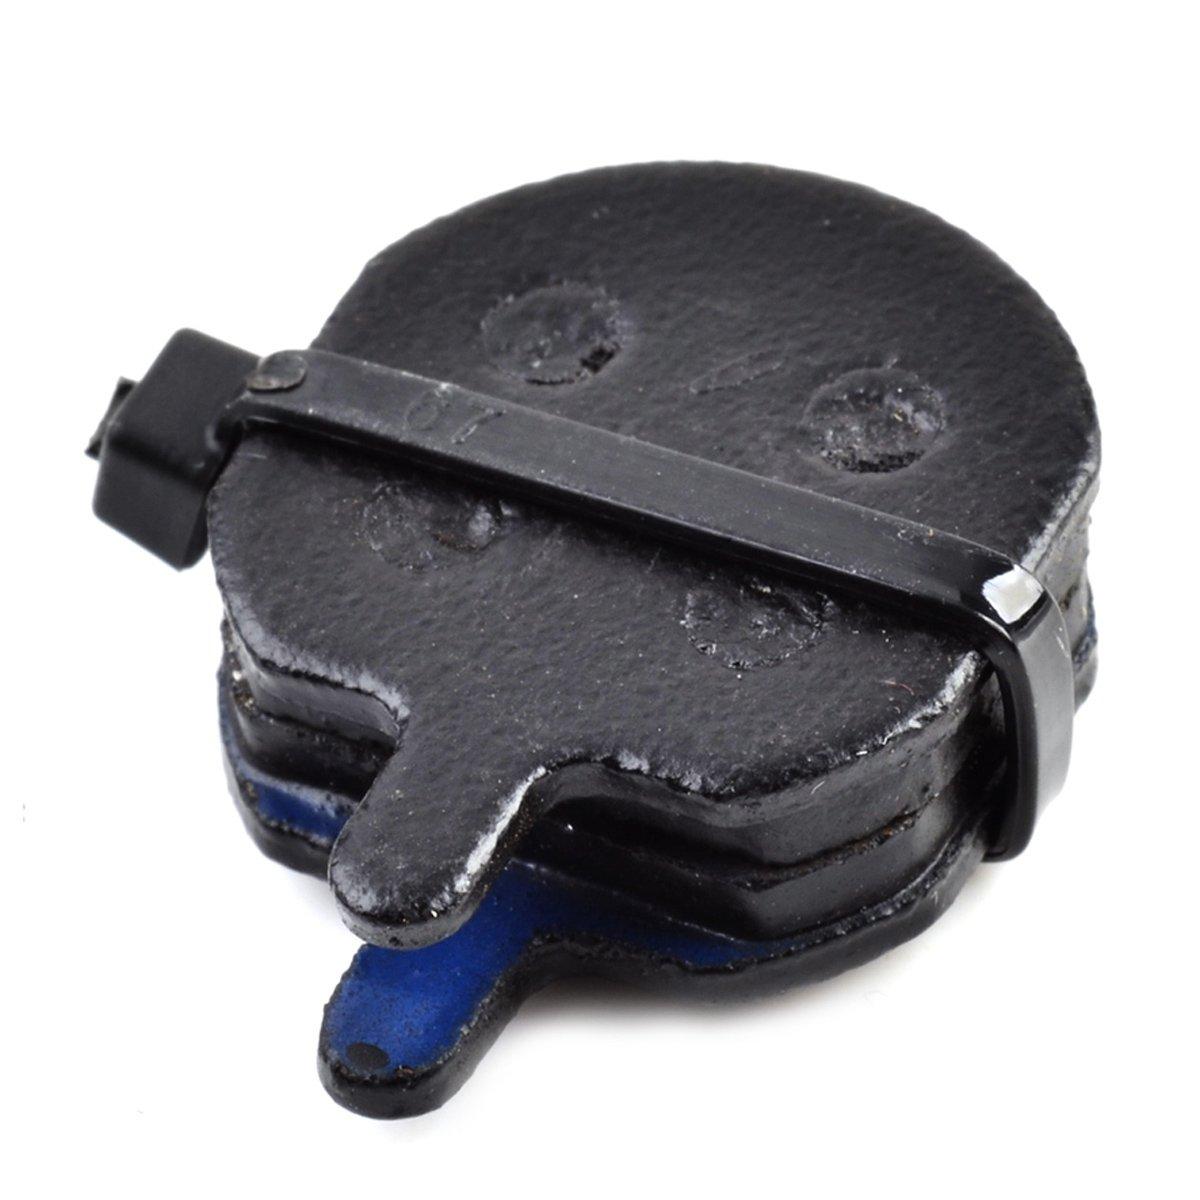 全天候型ケブラー補強焼結Bike lingブレーキ靴のベンガル B0792QV2JR